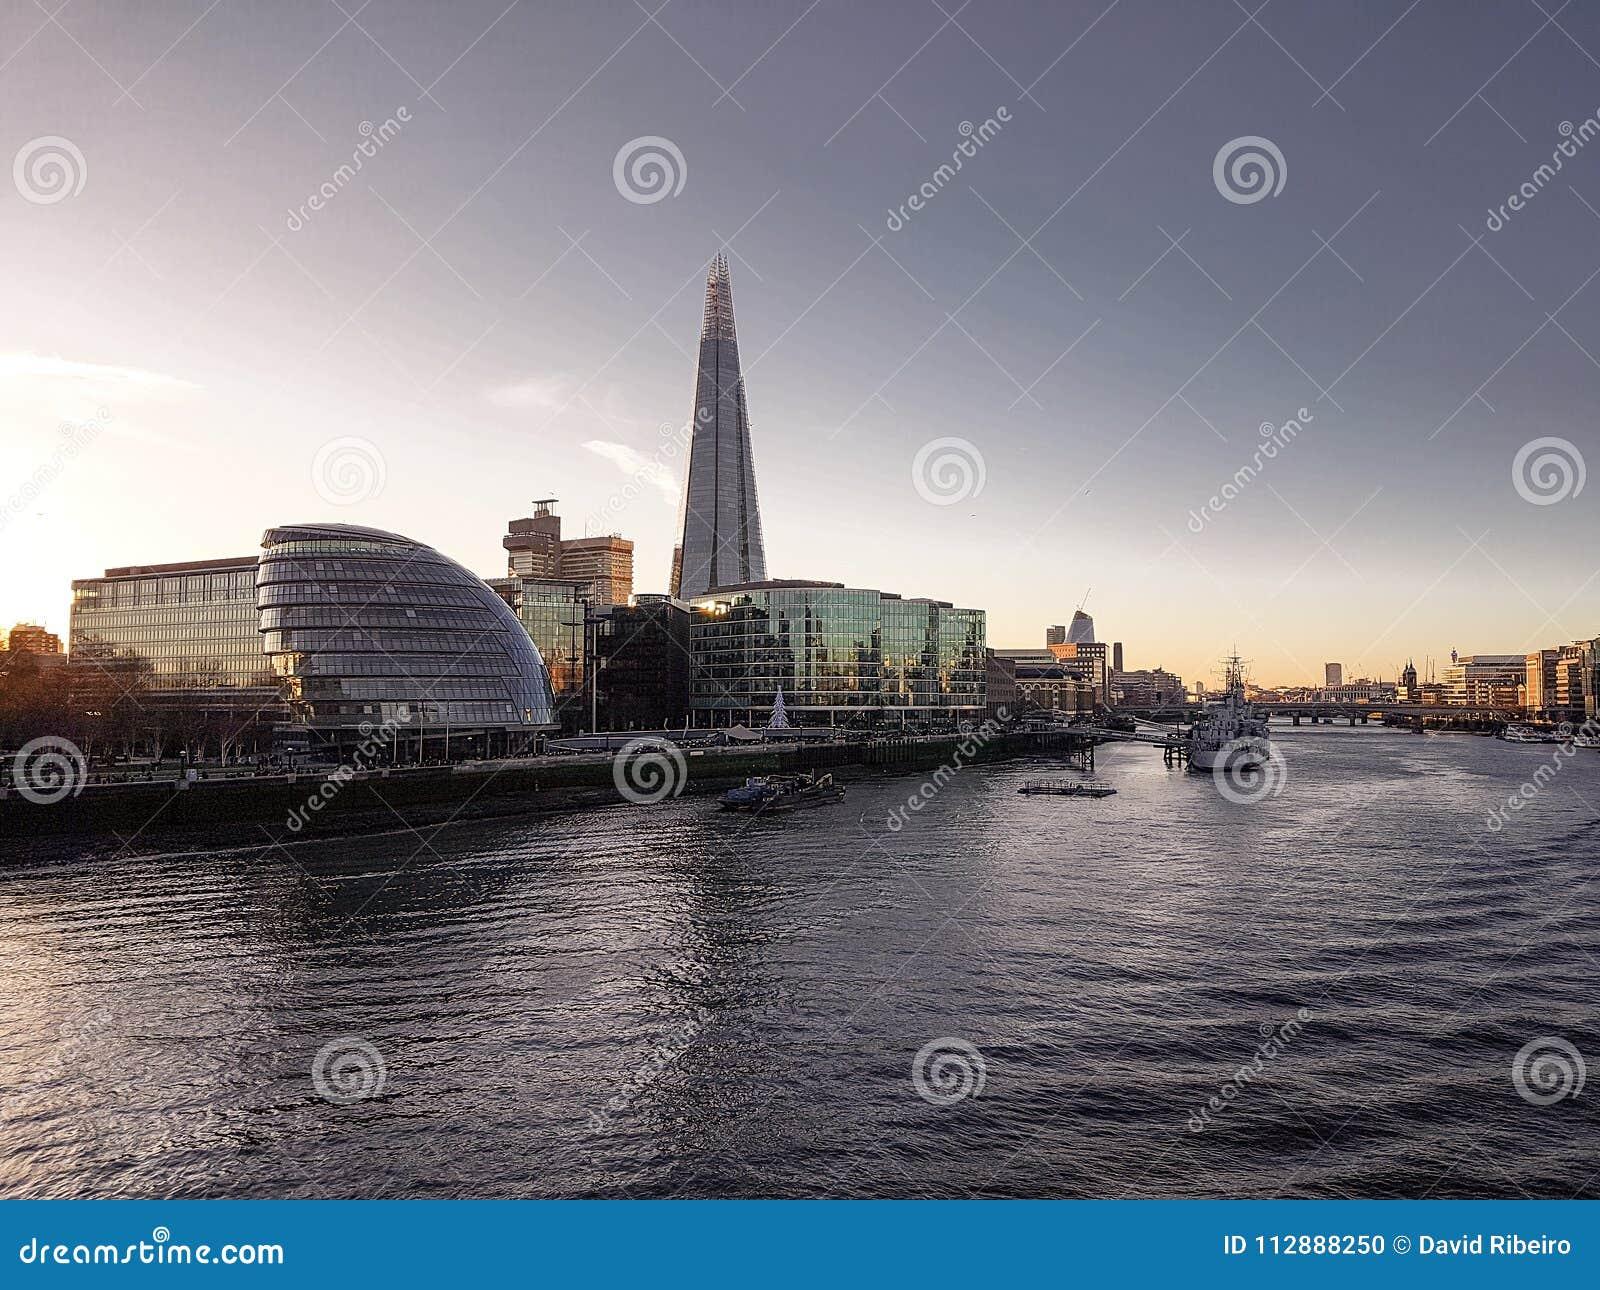 2017年12月28日,伦敦,英国-碎片,也指玻璃碎片,碎片伦敦桥